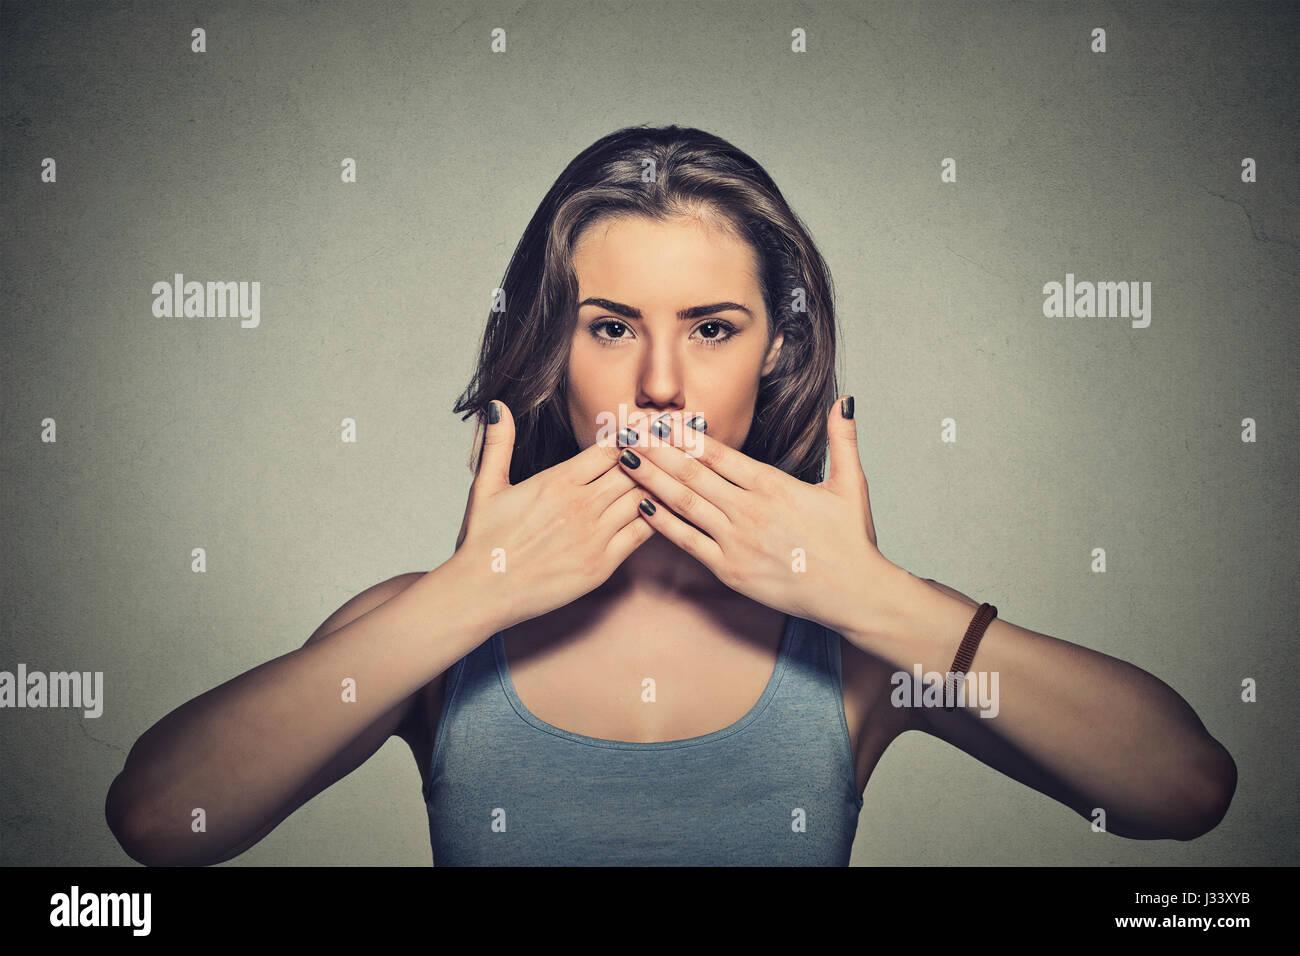 Closeup Ritratto di giovane donna la copertura con le mani la sua bocca isolato sul muro grigio sfondo Foto Stock